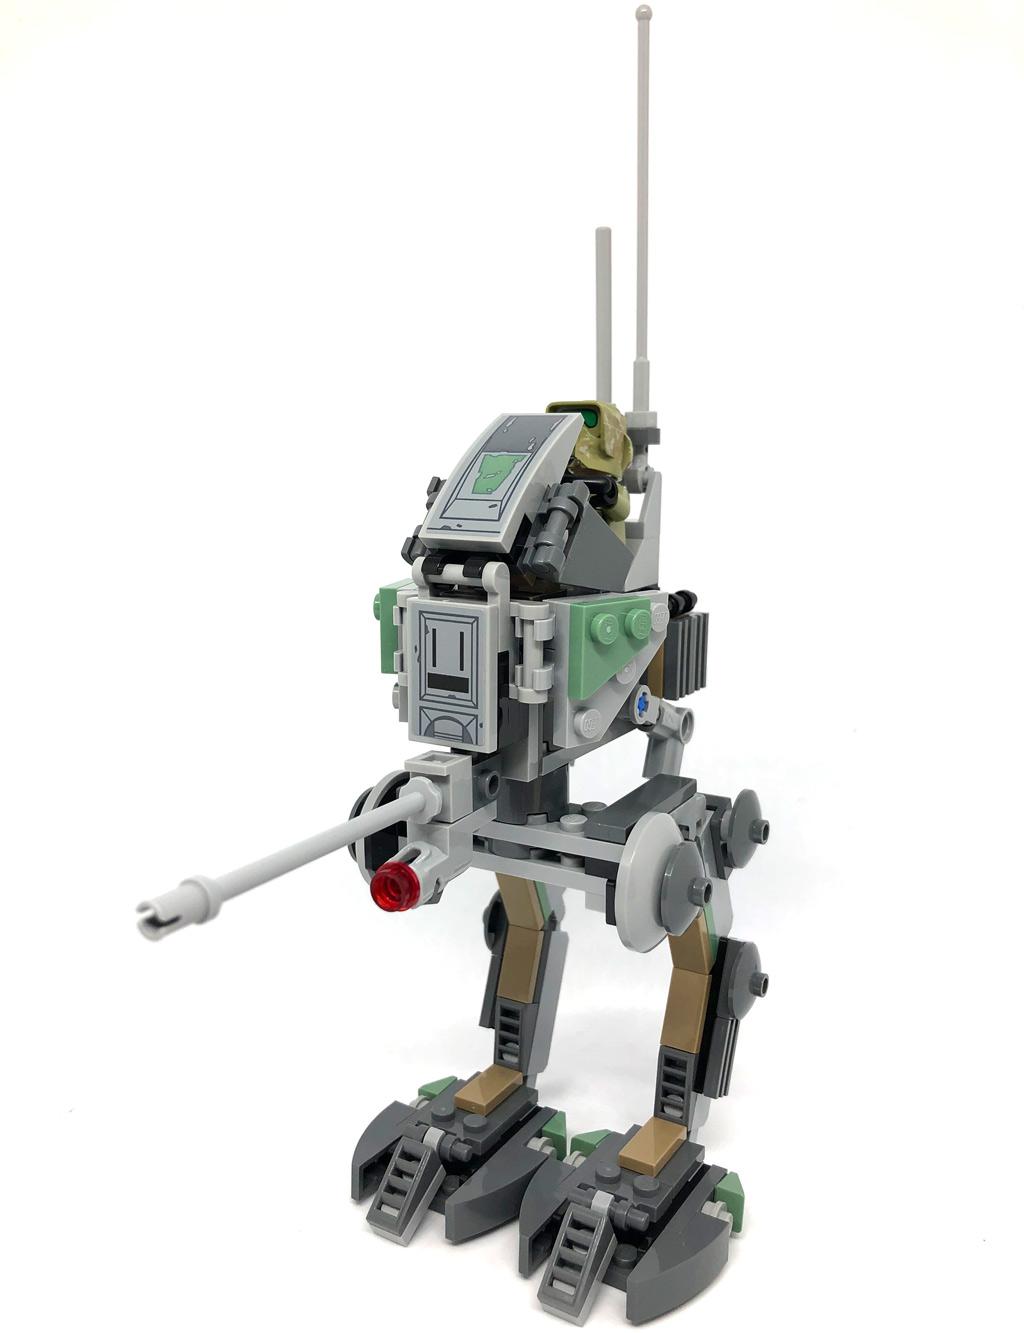 lego-star-wars-clone-scout-walker–20-jahre-75261-andere-seite-2019-matthias-kuhnt zusammengebaut.com